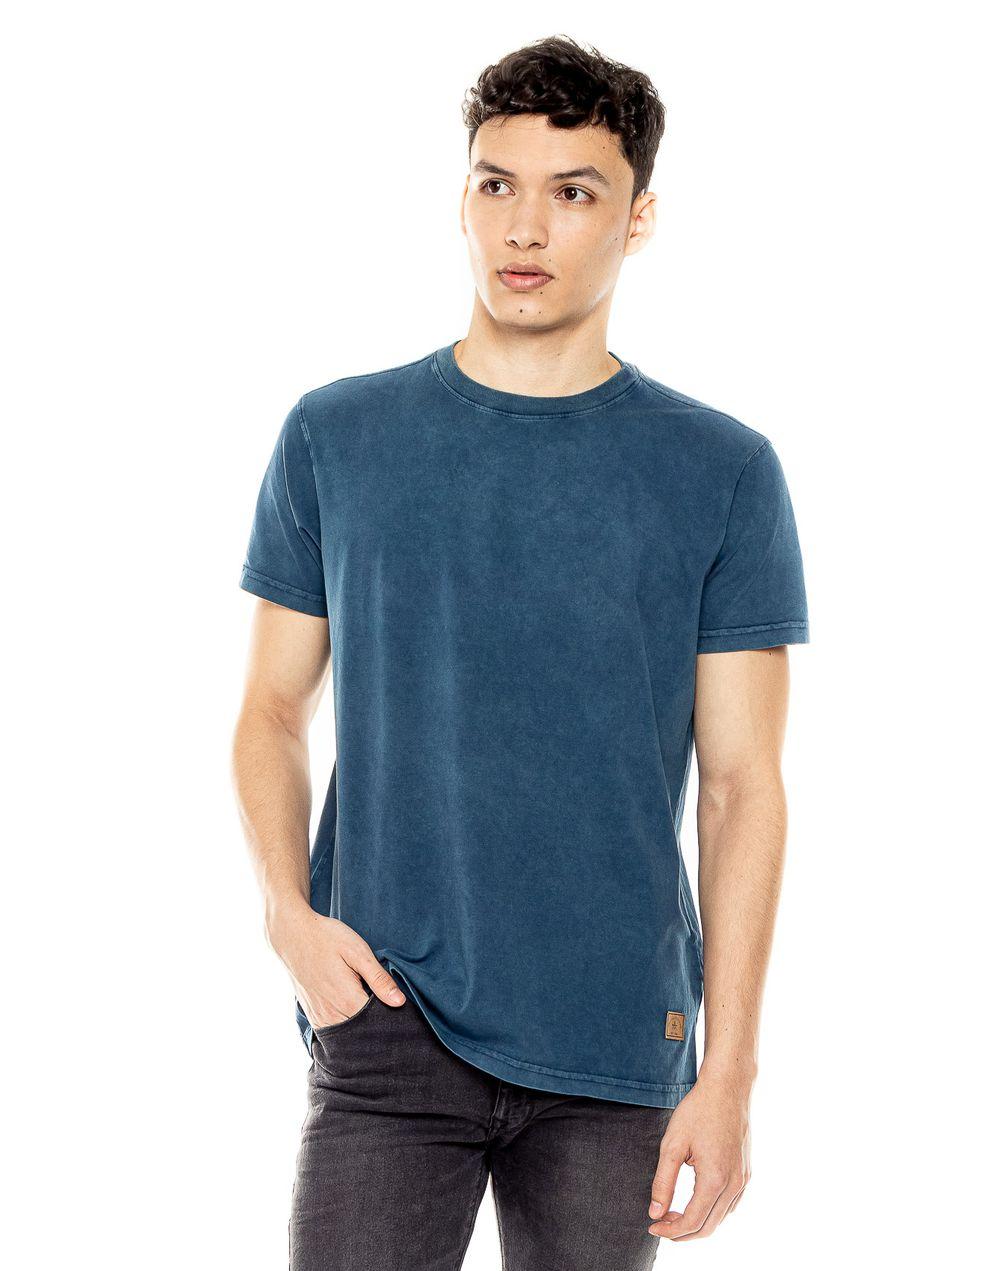 camiseta-114110-azul-1.jpg